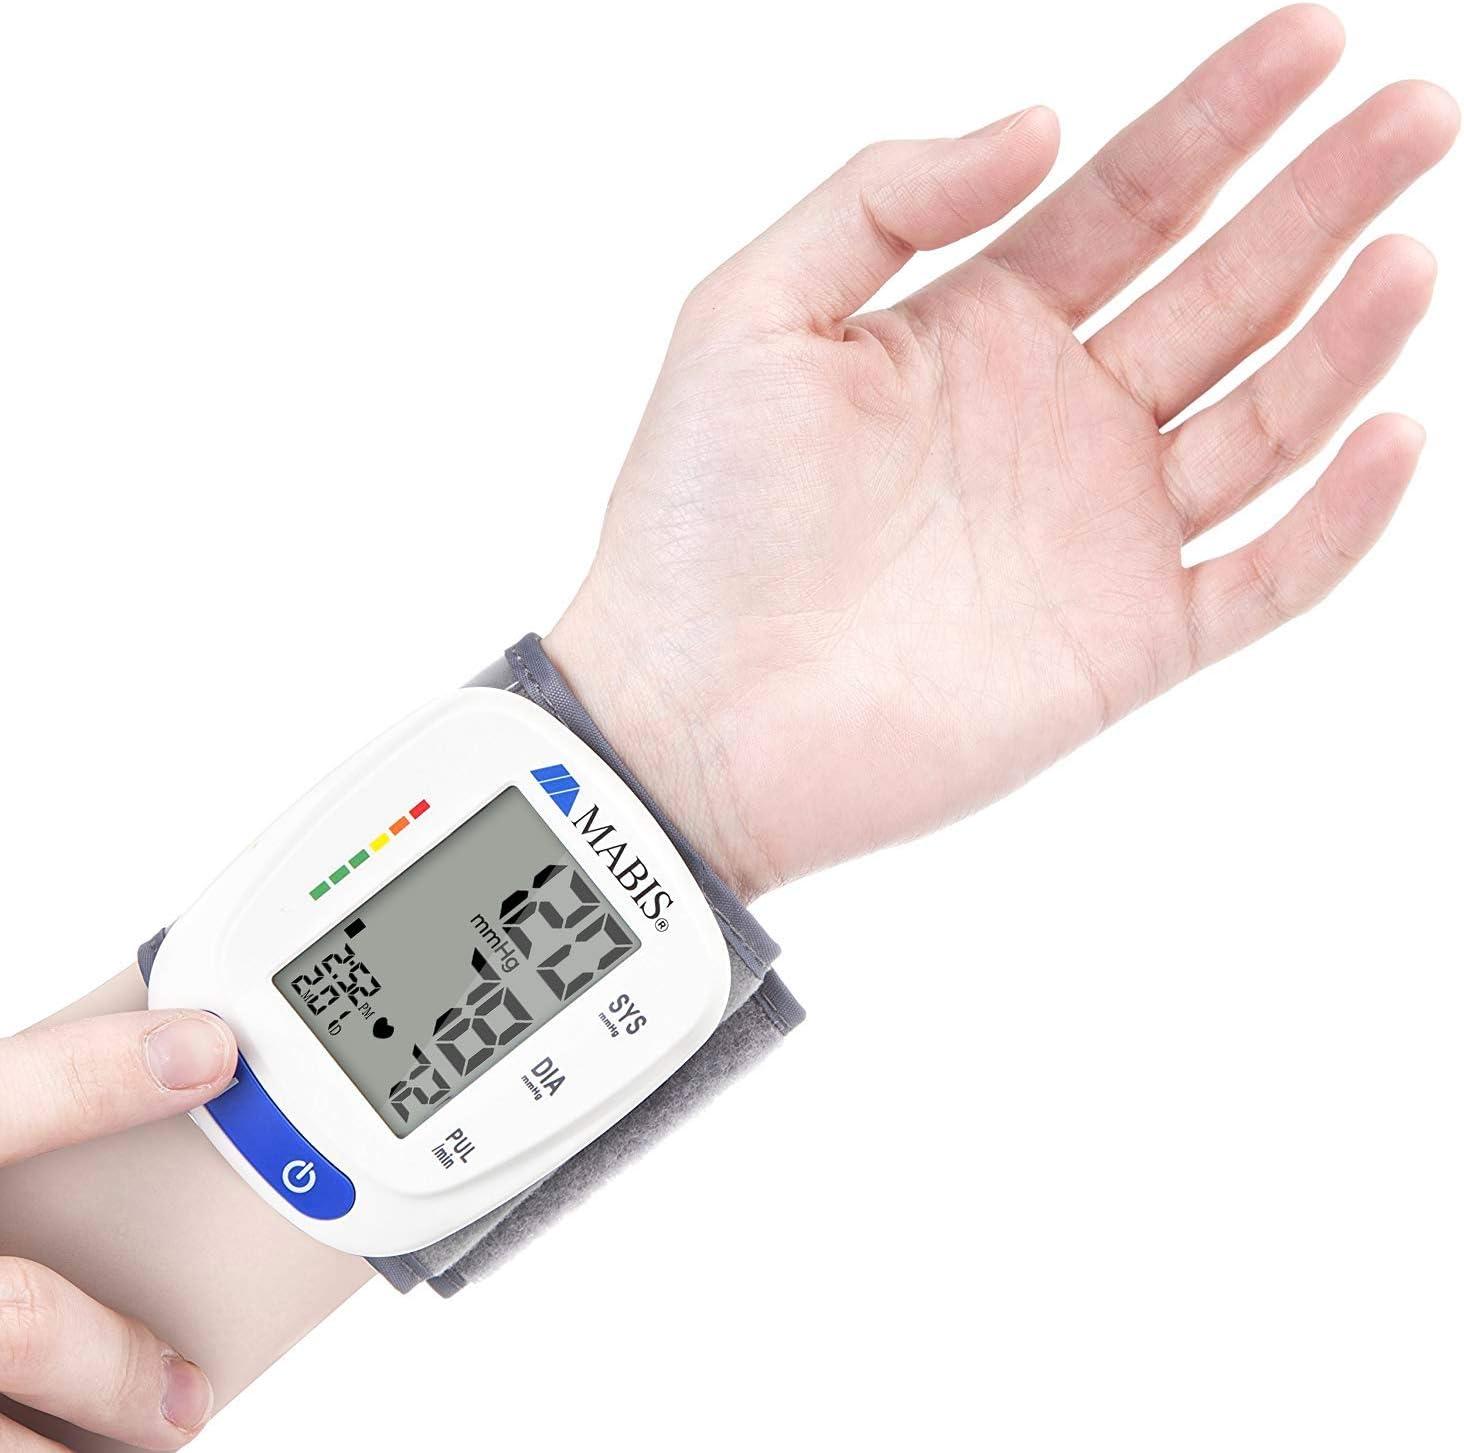 Amazon.com: Muñequera con monitor de presión arterial, 04 ...